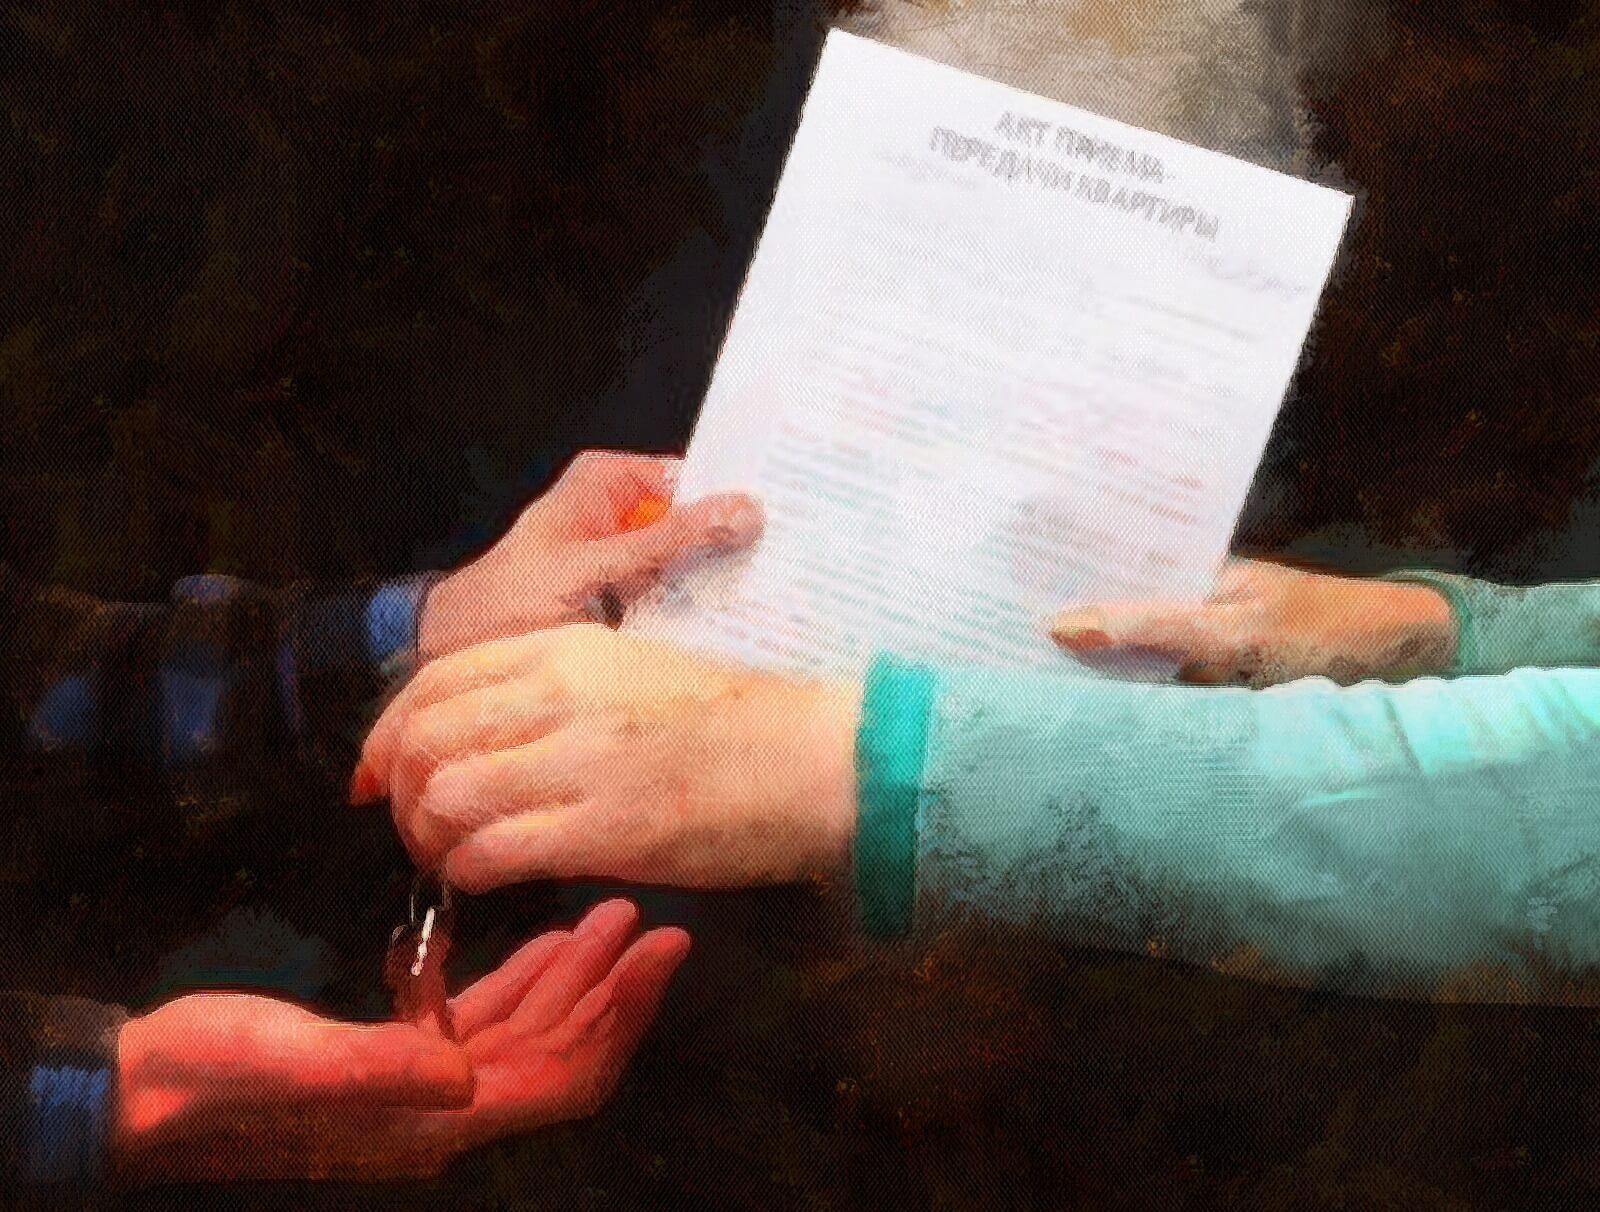 Действия после подписания акта приема передачи квартиры при ипотеке